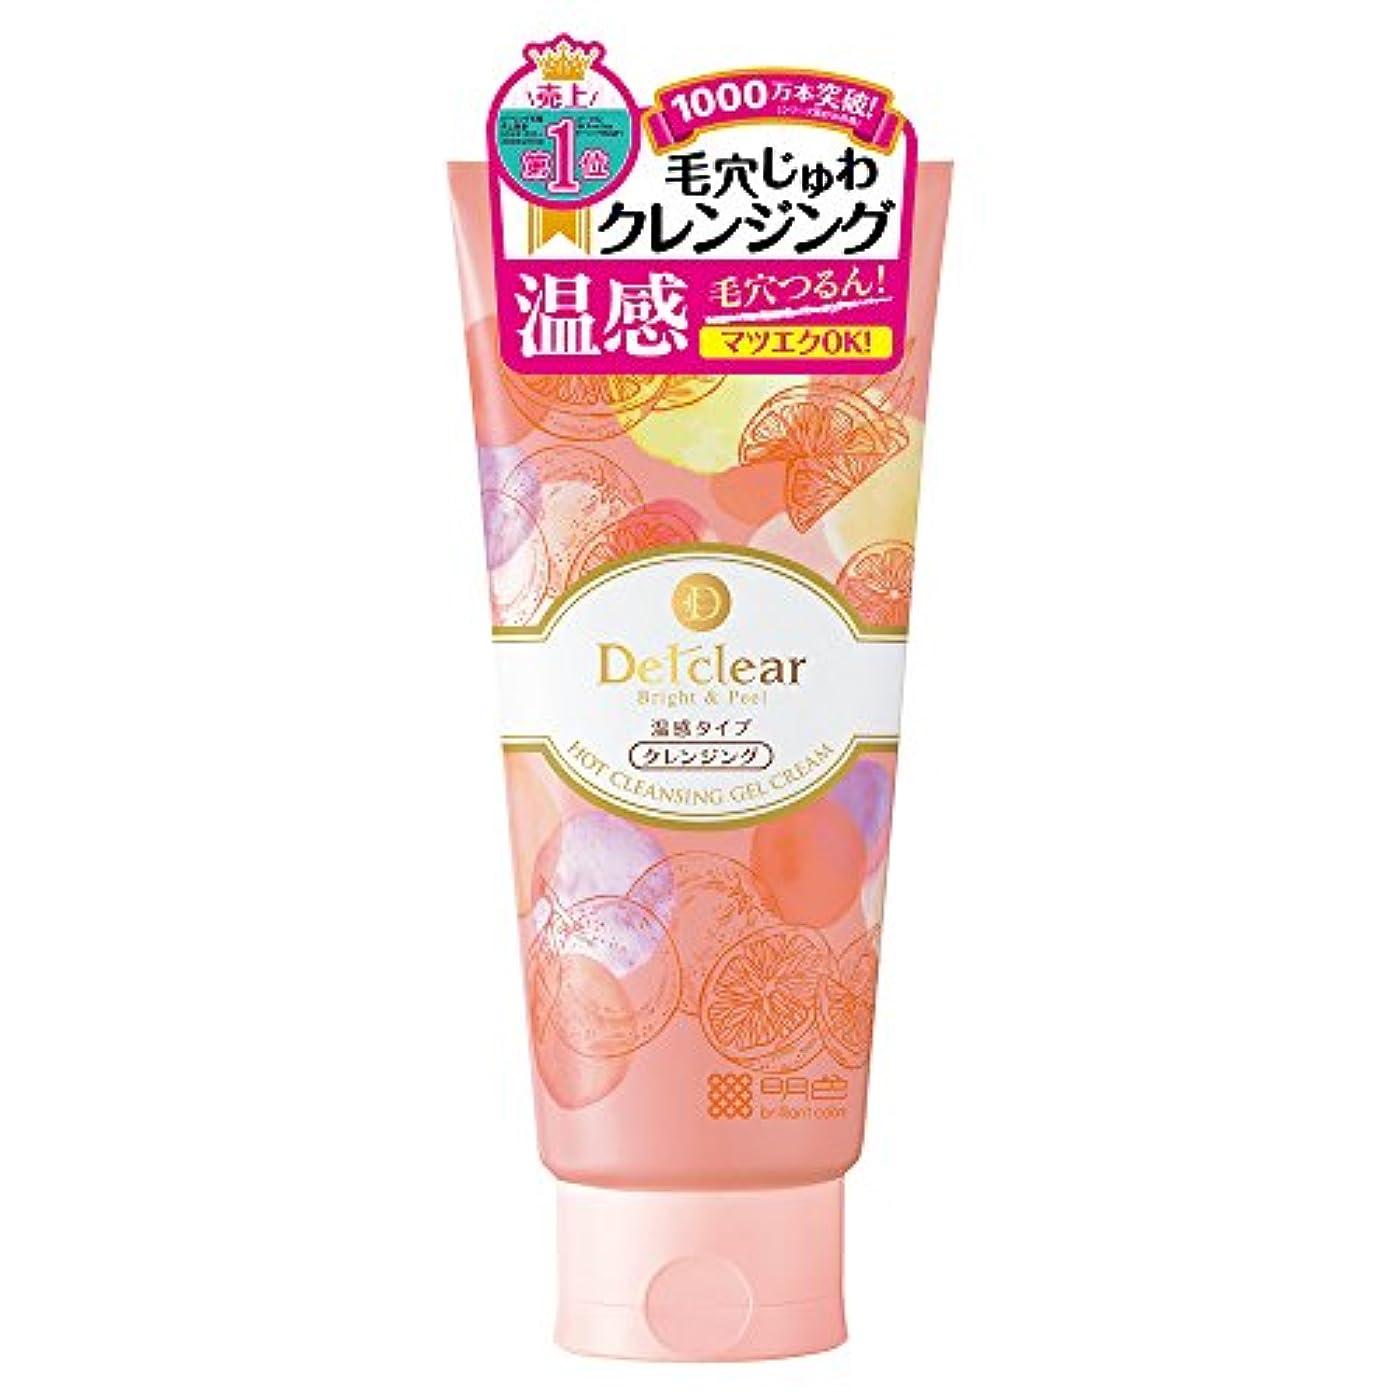 木曜日ファンタジー橋DETクリア ブライト&ピール ホットクレンジング ジェルクリーム 200g (日本製) ベルガモットオレンジの香り